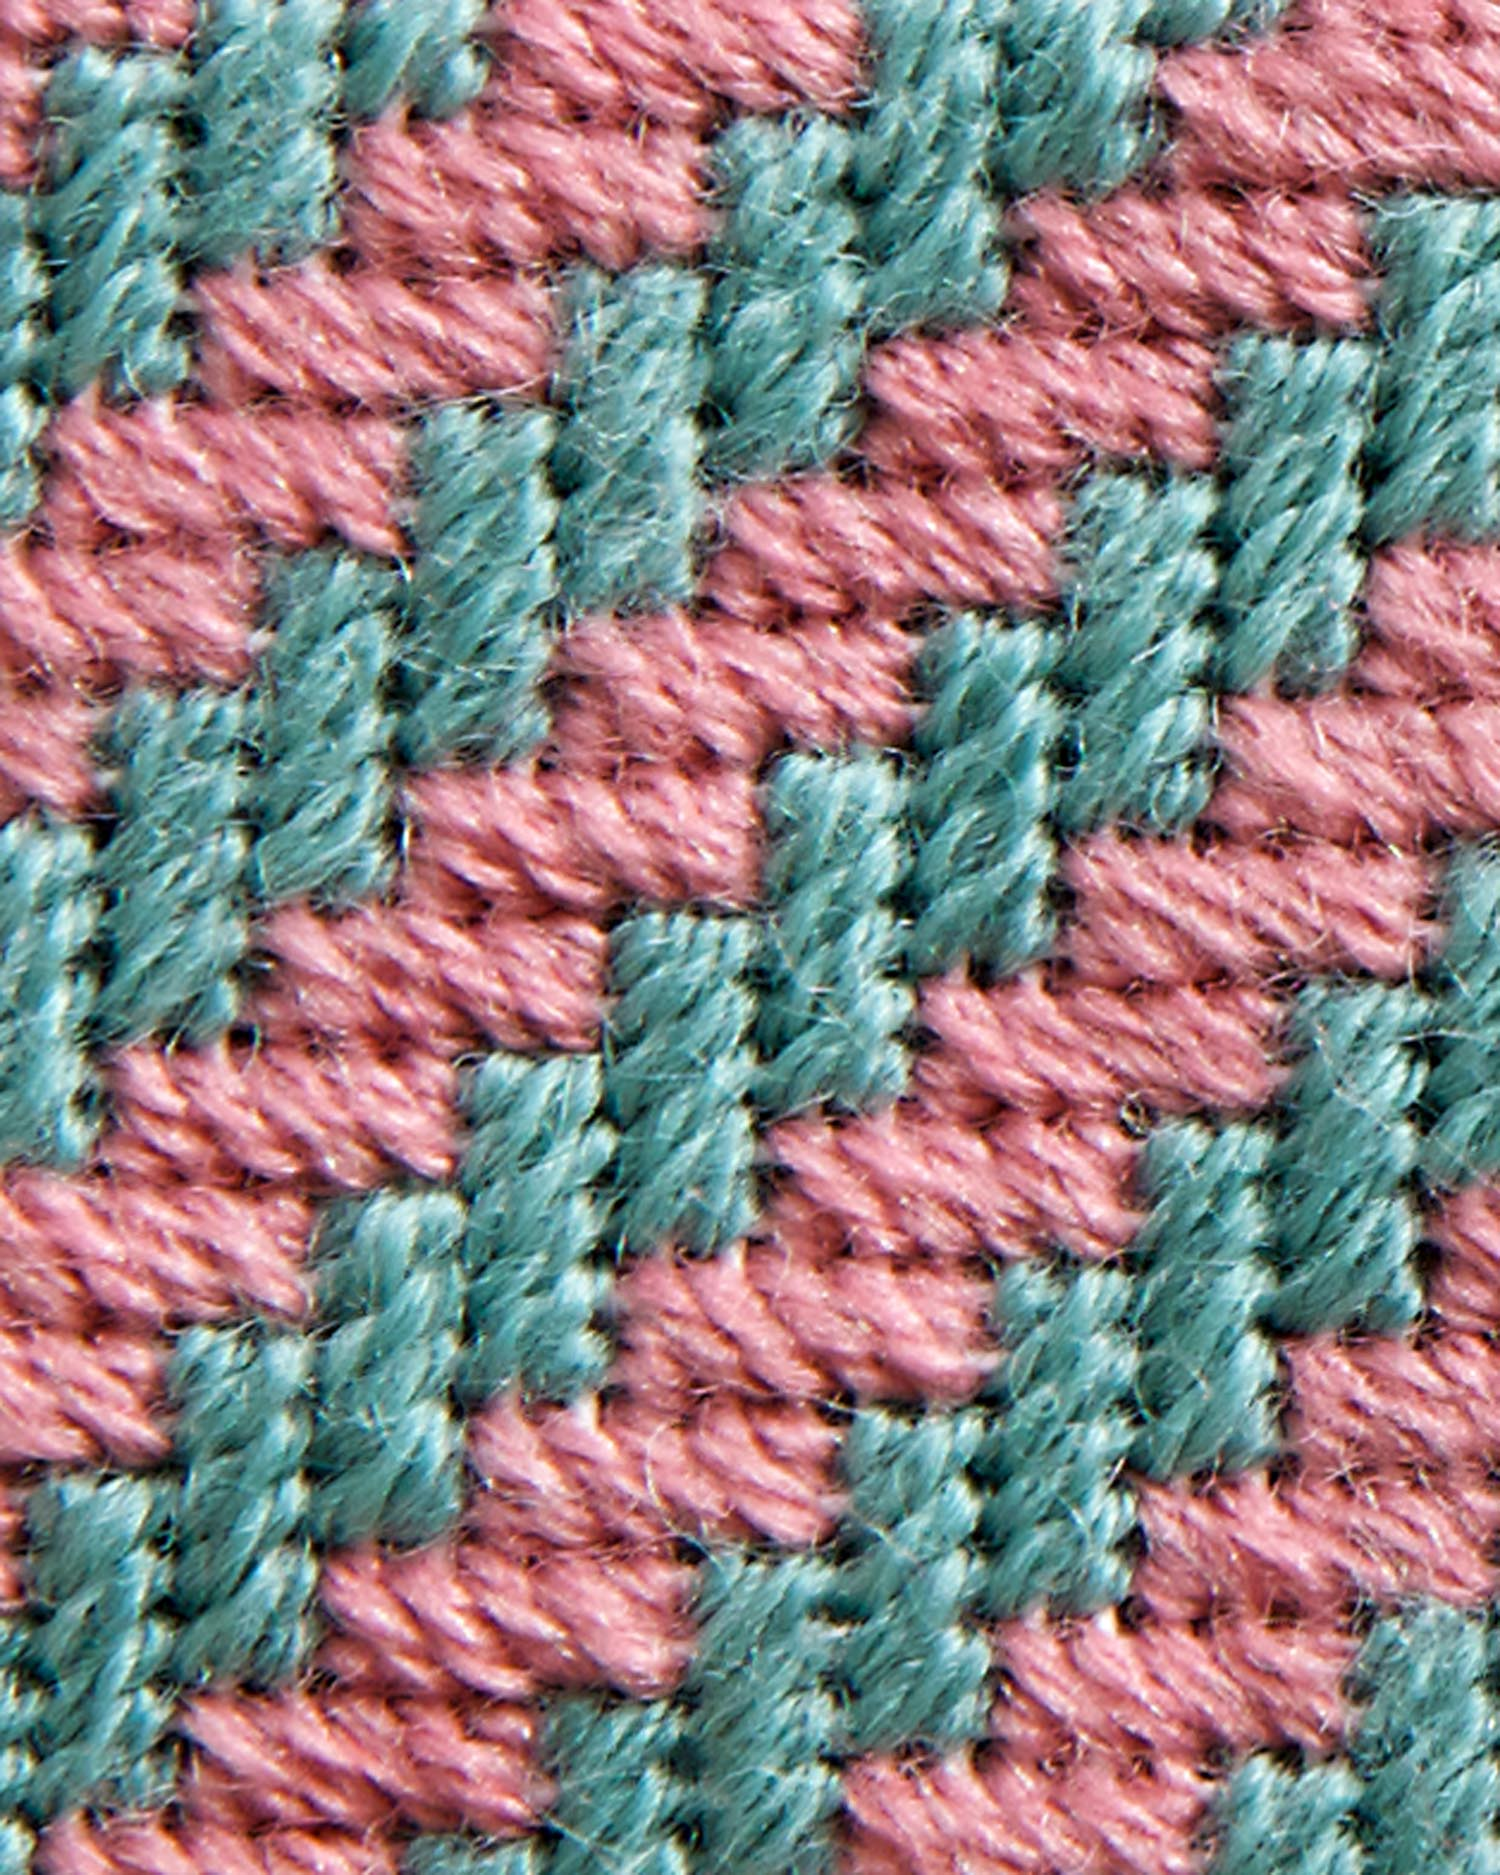 Stitch 35 - Diagonal Hedge Row